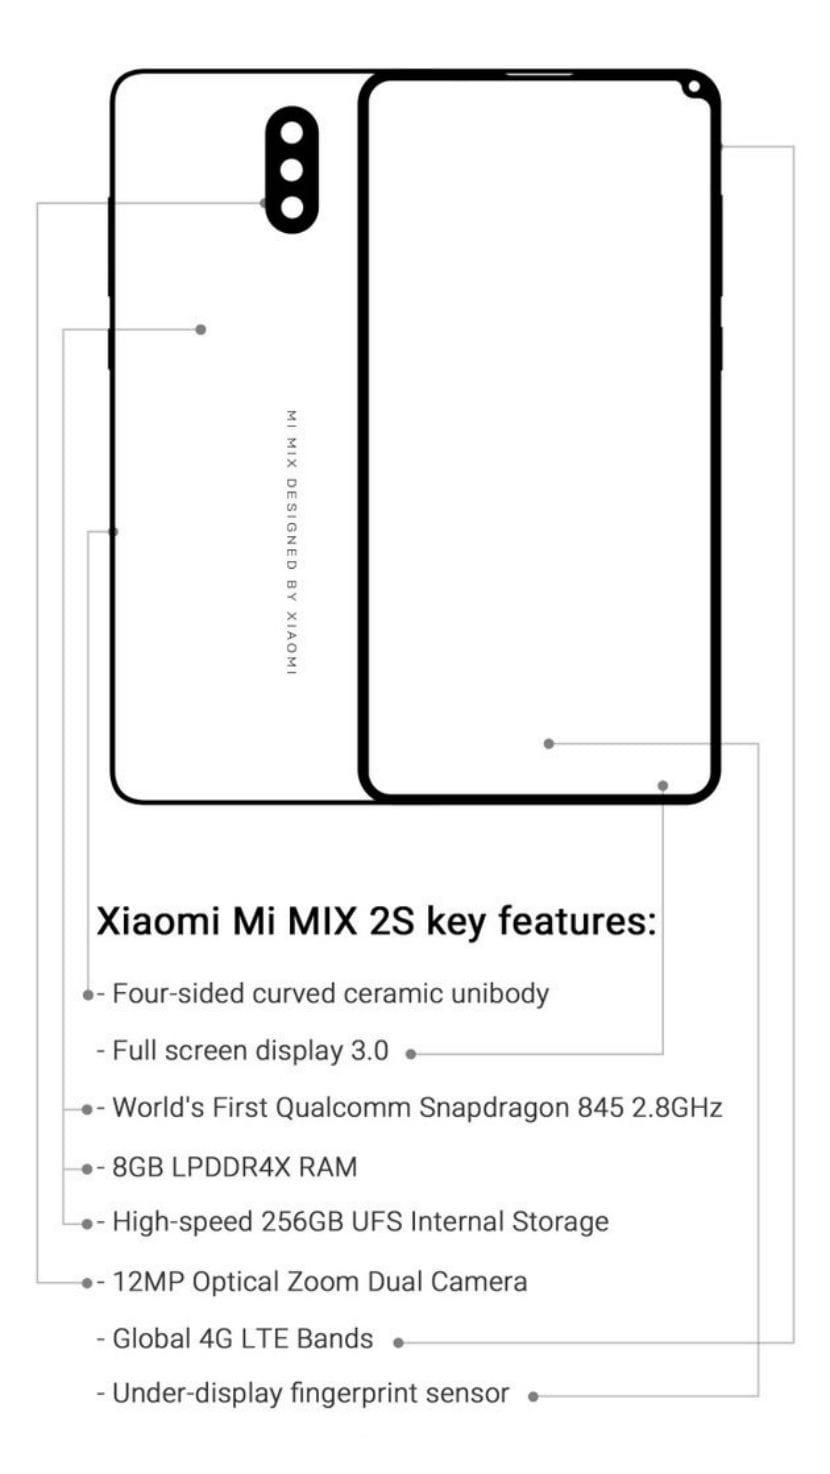 Especificaciones filtradas del Xiaomi Mi Mix 2S